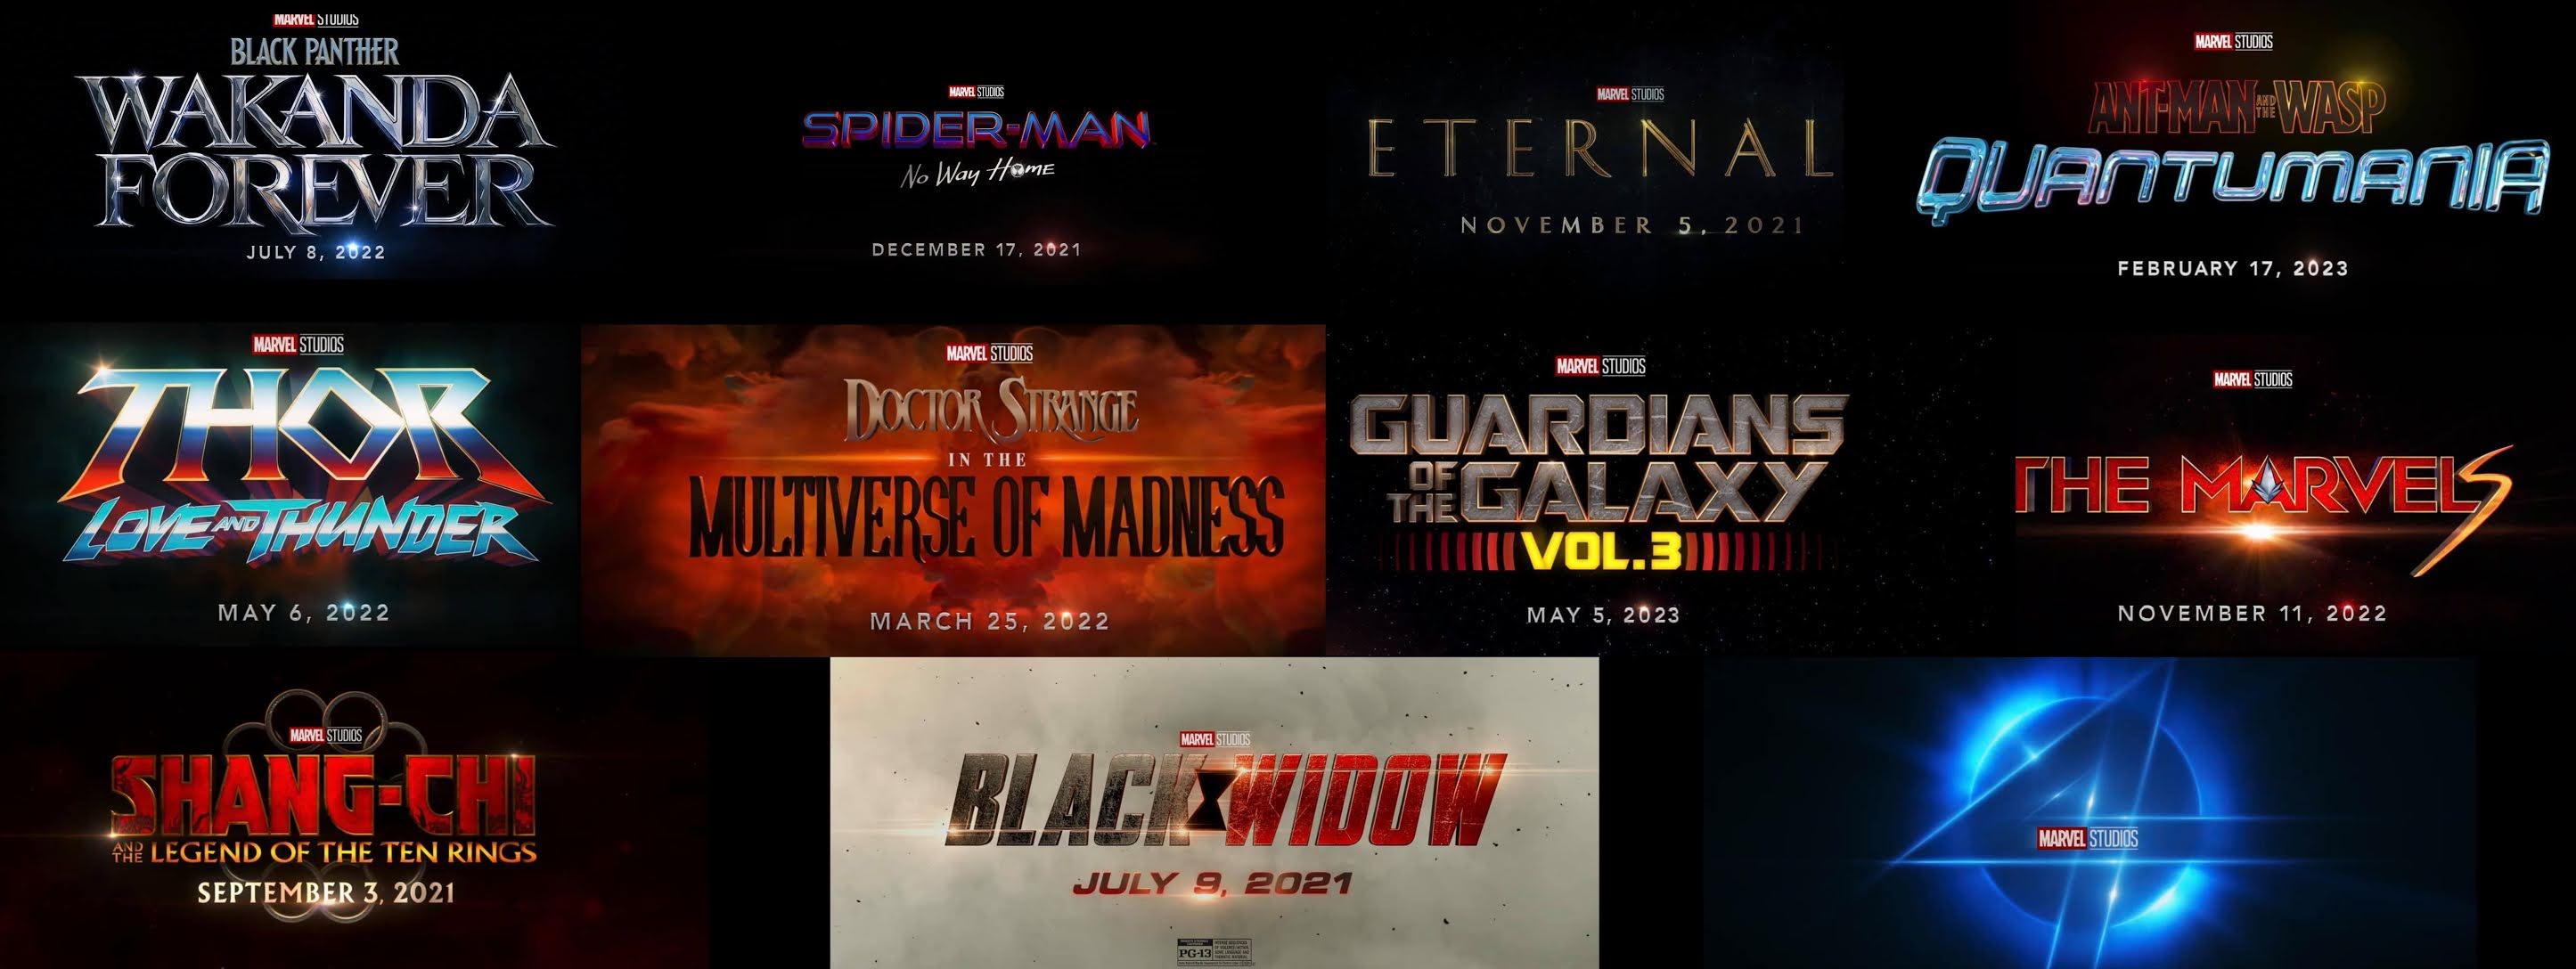 tarikh tayangan Marvel Phase 4 untuk di Malaysia